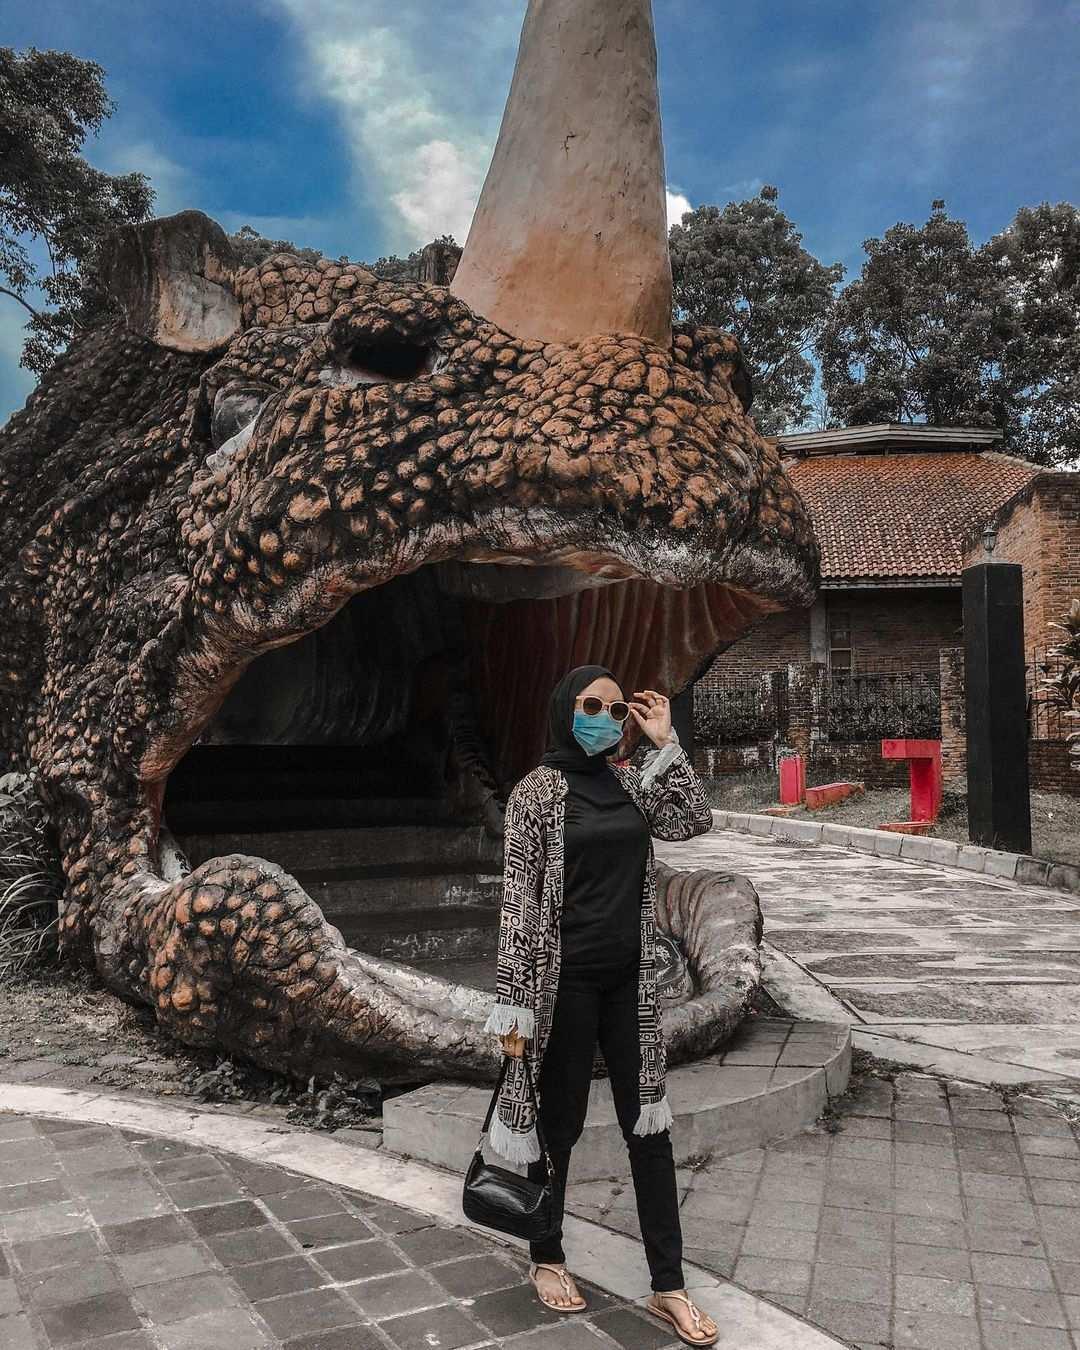 Berfoto di Patung Dinosaurus Taman Kyai Langgeng Magelang Image From @viabg